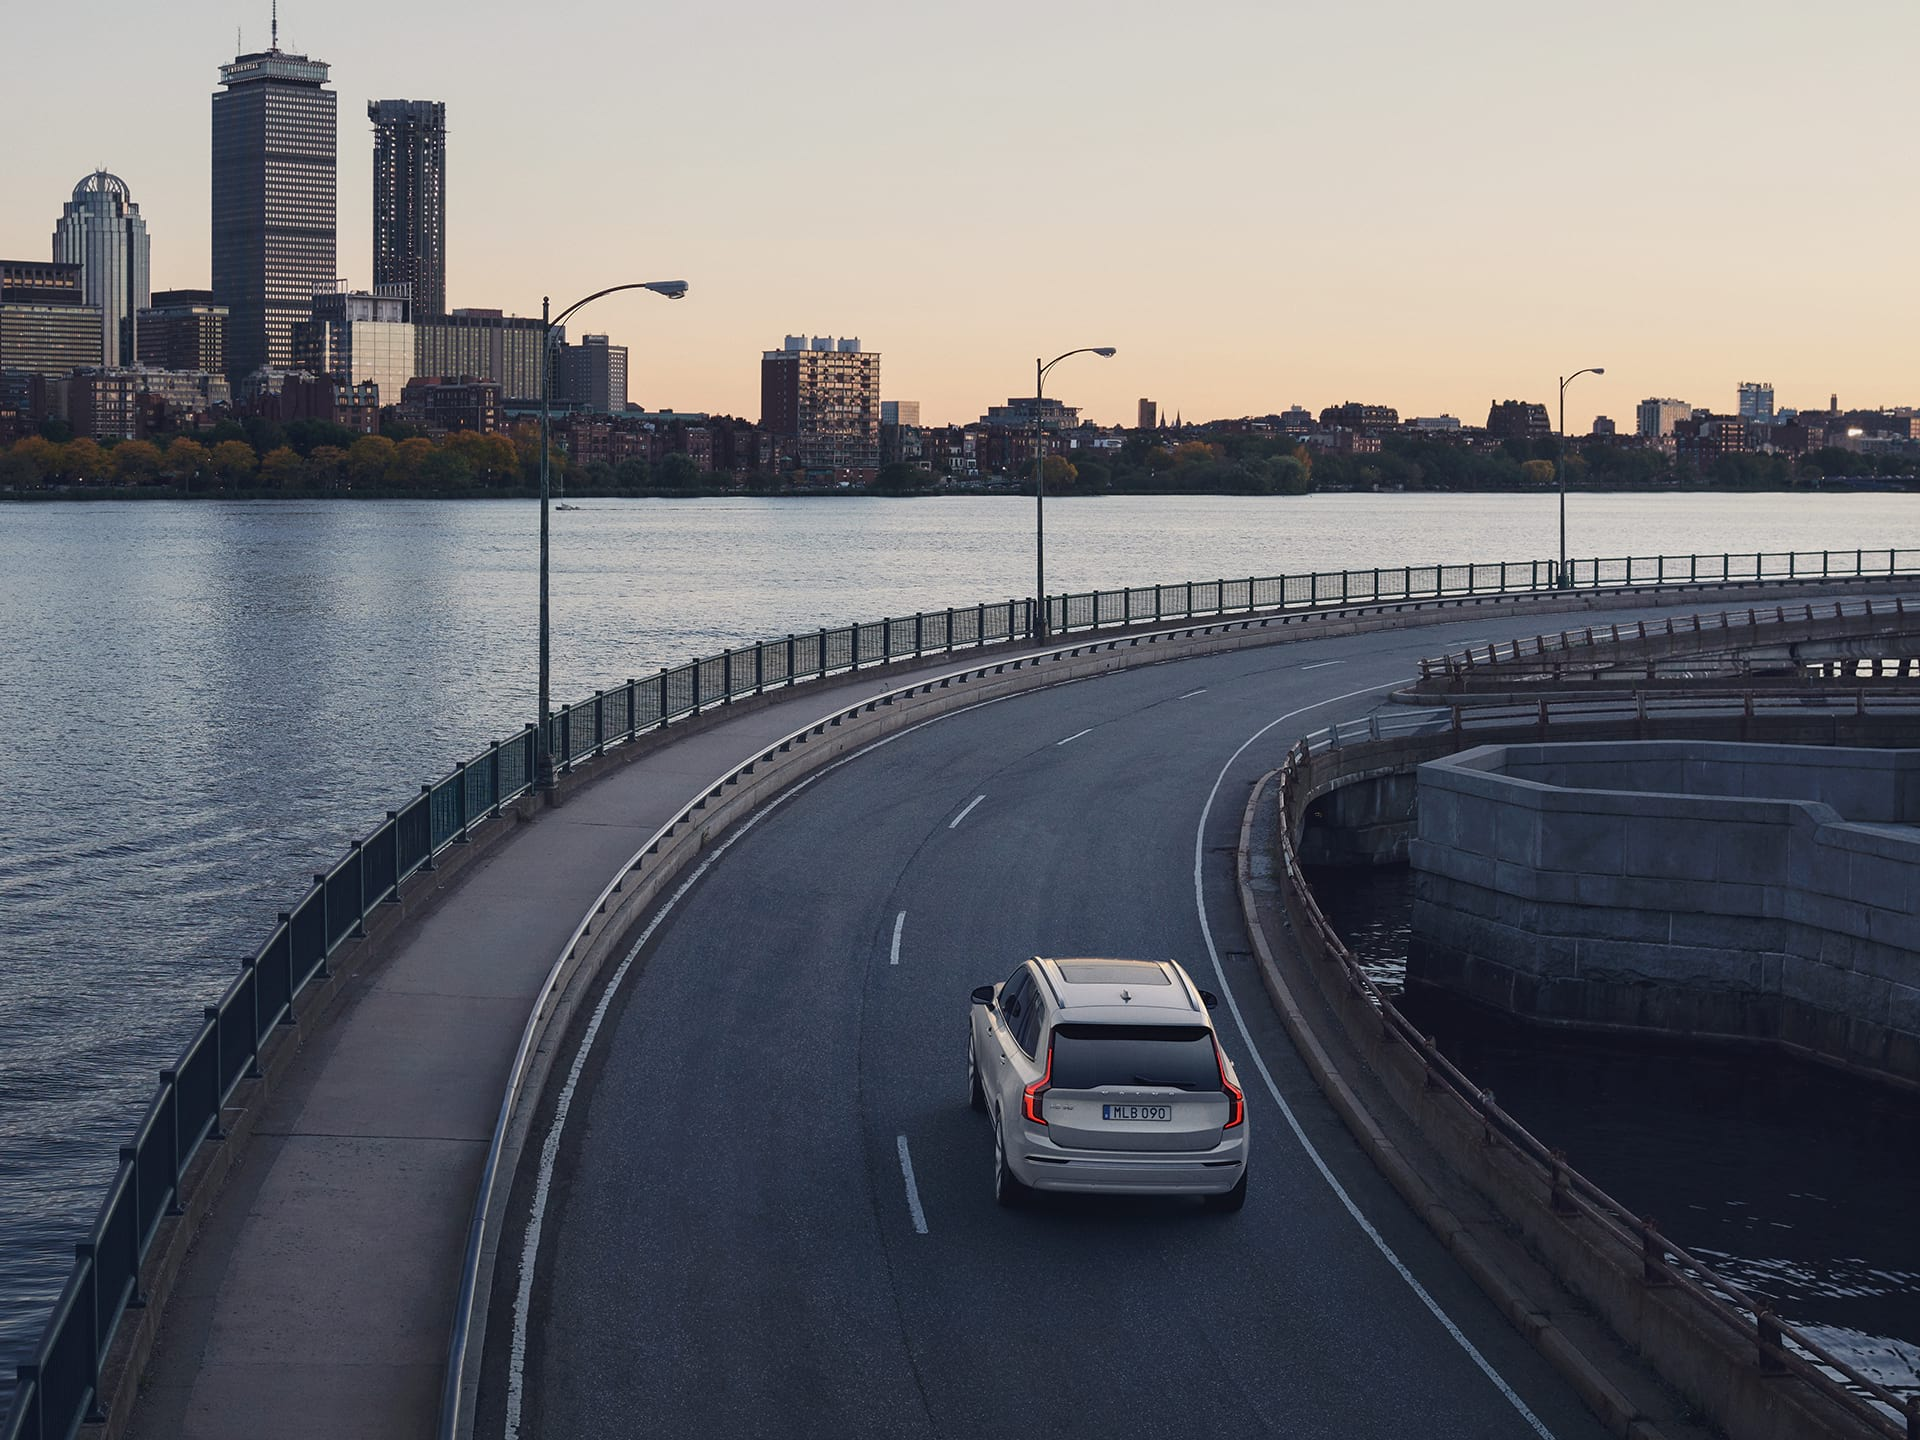 Grand SUV 7places Volvo XC90 suivant une courbe le long d'une rivière.